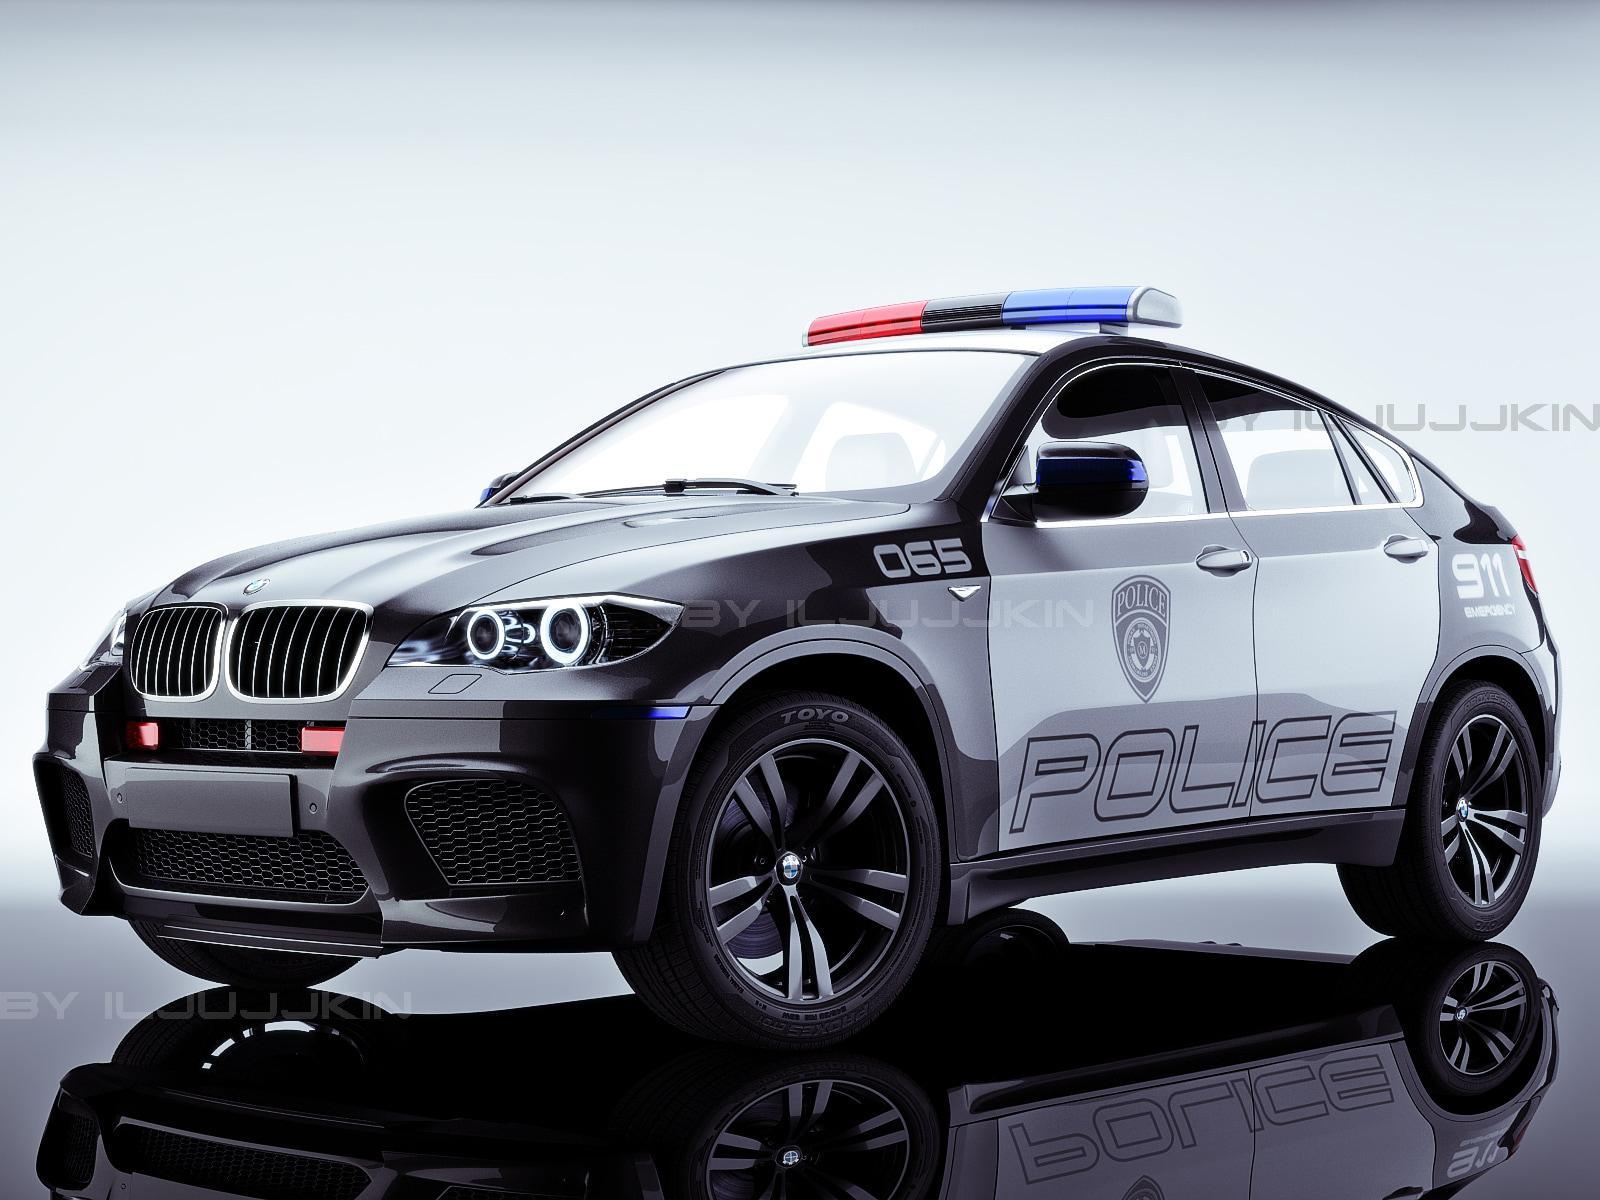 X6M_police_studio_1.jpg